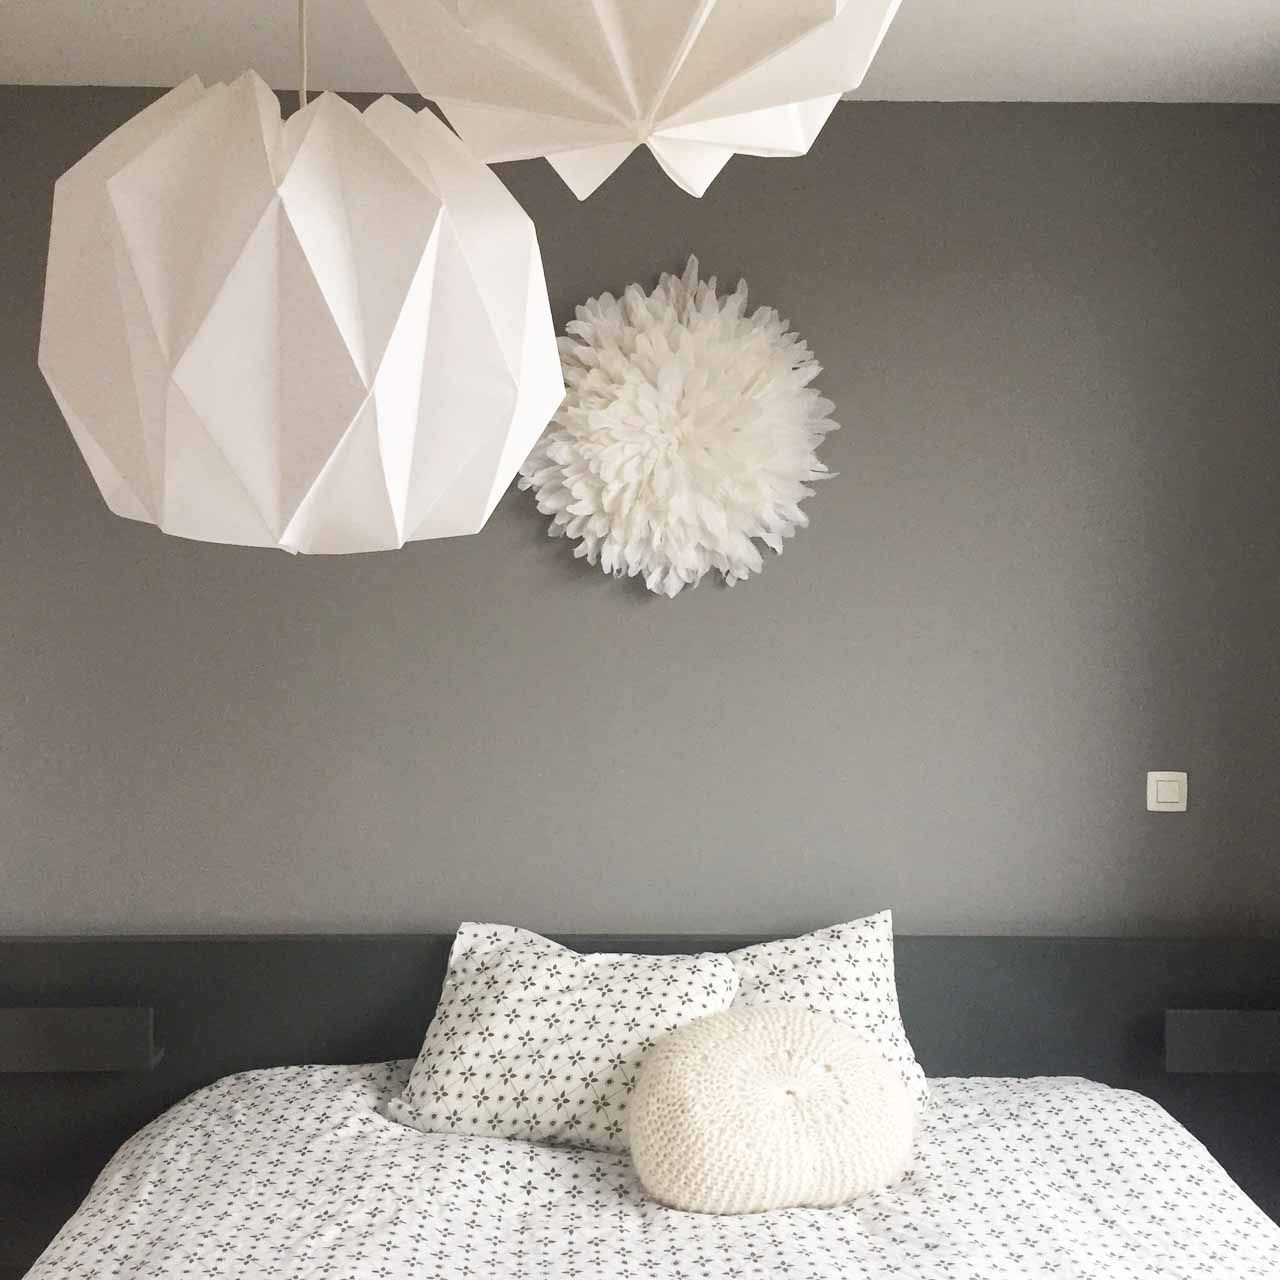 diy juju hat d co boh me ethnique chic plumes loisir cr atif juju hat diy et decor. Black Bedroom Furniture Sets. Home Design Ideas